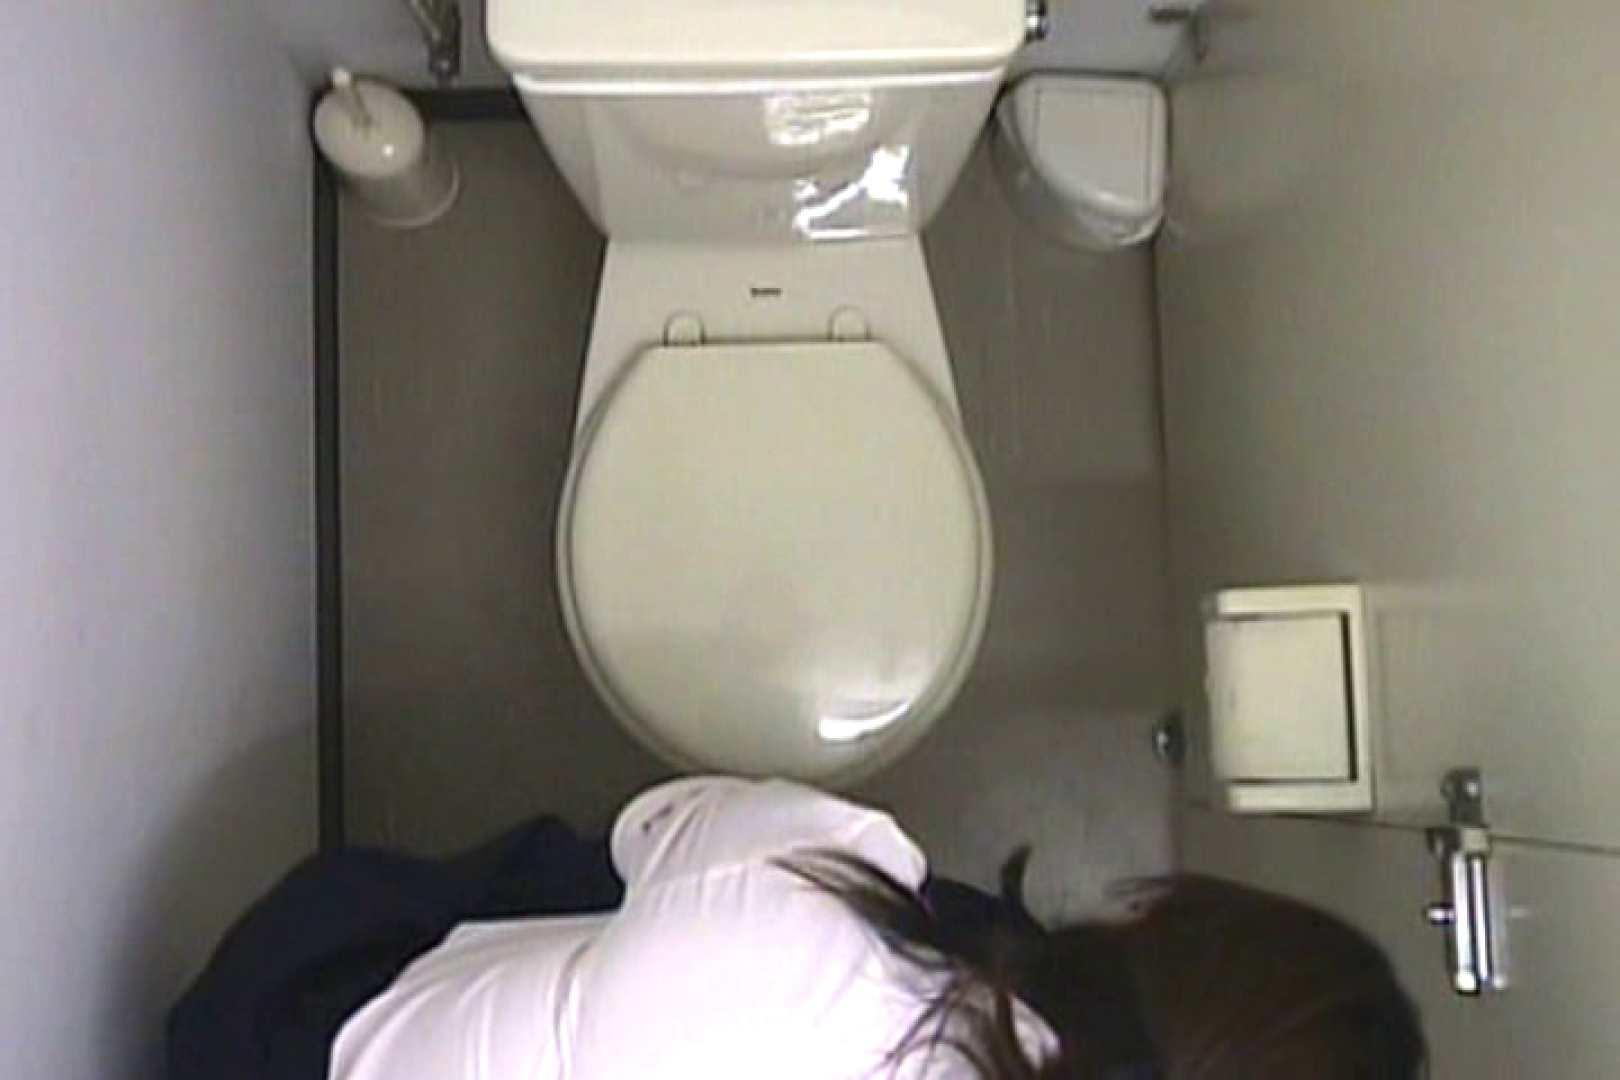 雑居ビル洗面所オナニーVol.4 お姉さんのヌード AV動画キャプチャ 83画像 15